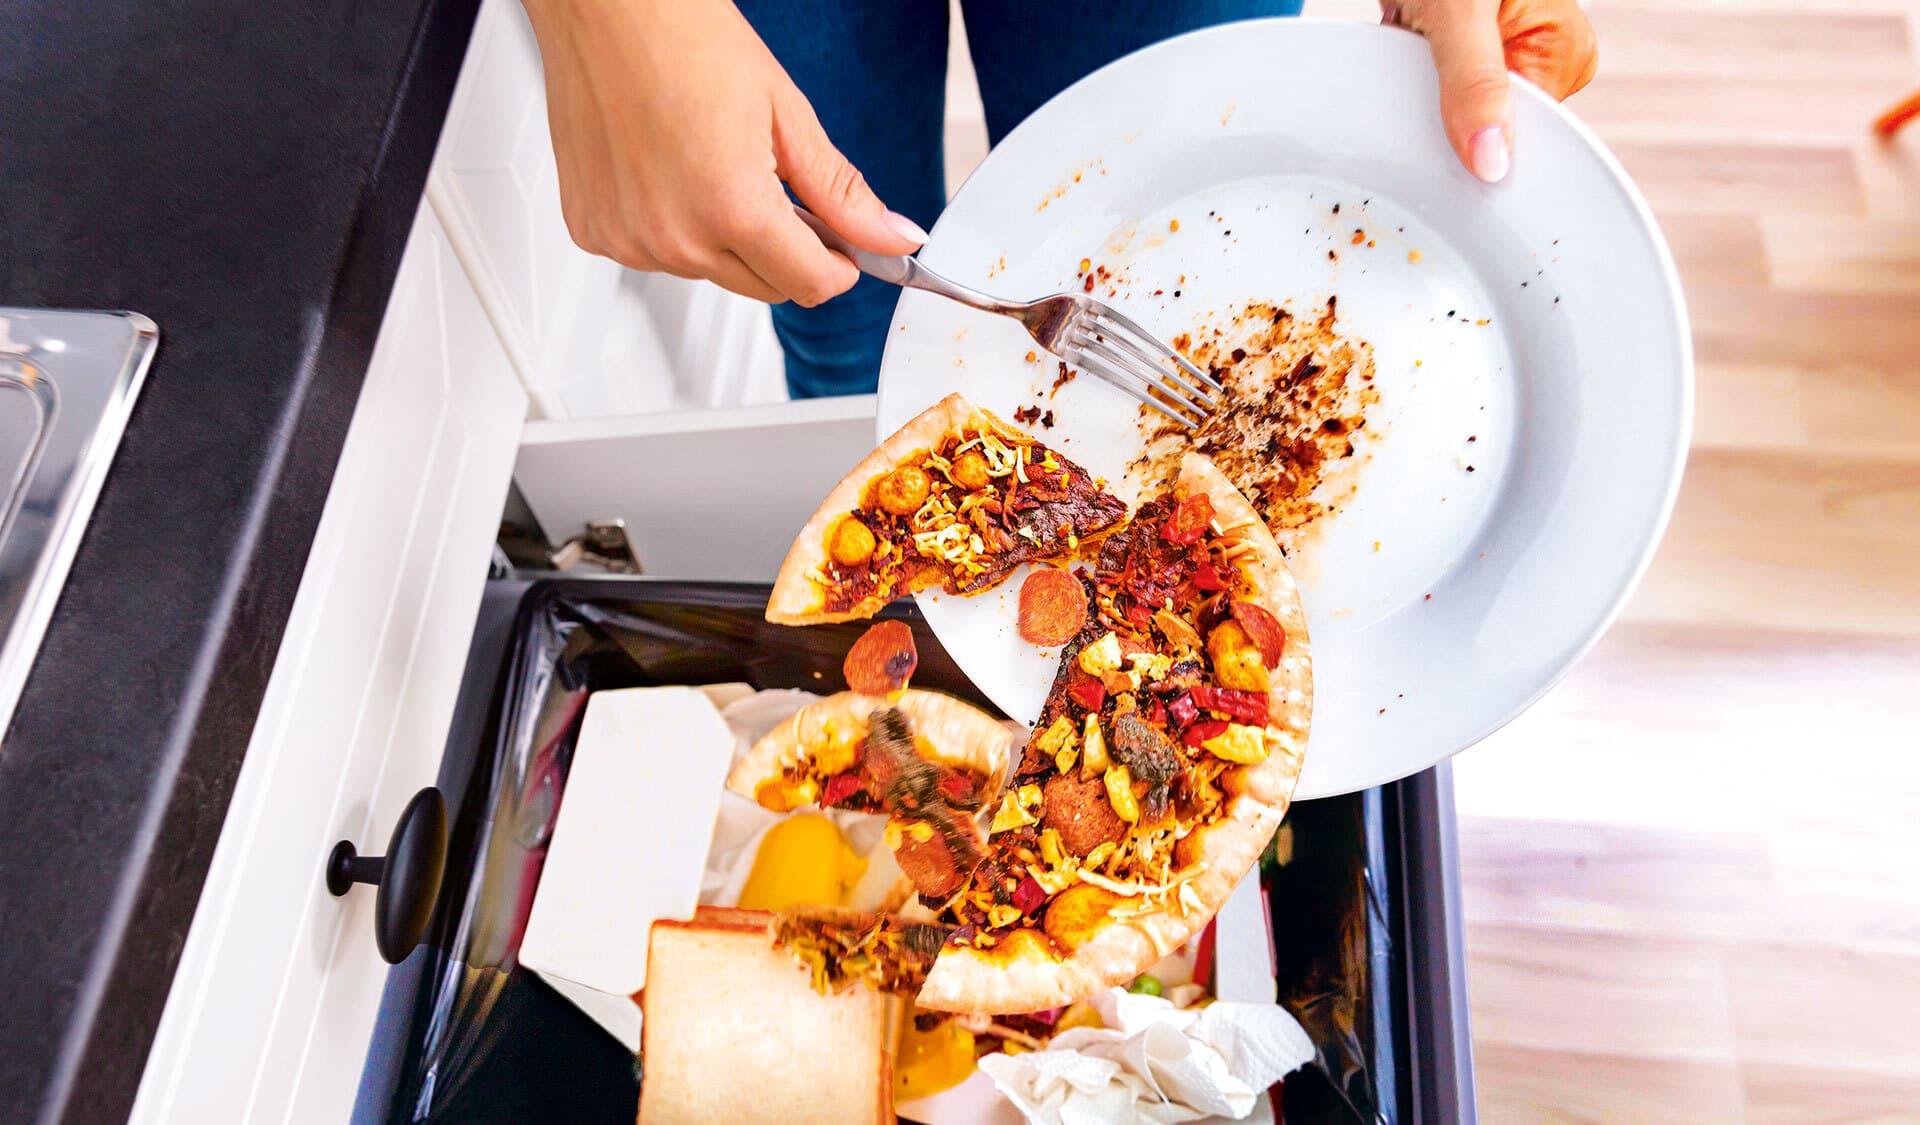 Eine halbe Pizza wird mit einer Gabel von einem Teller in einen Abfalleimer geworfen